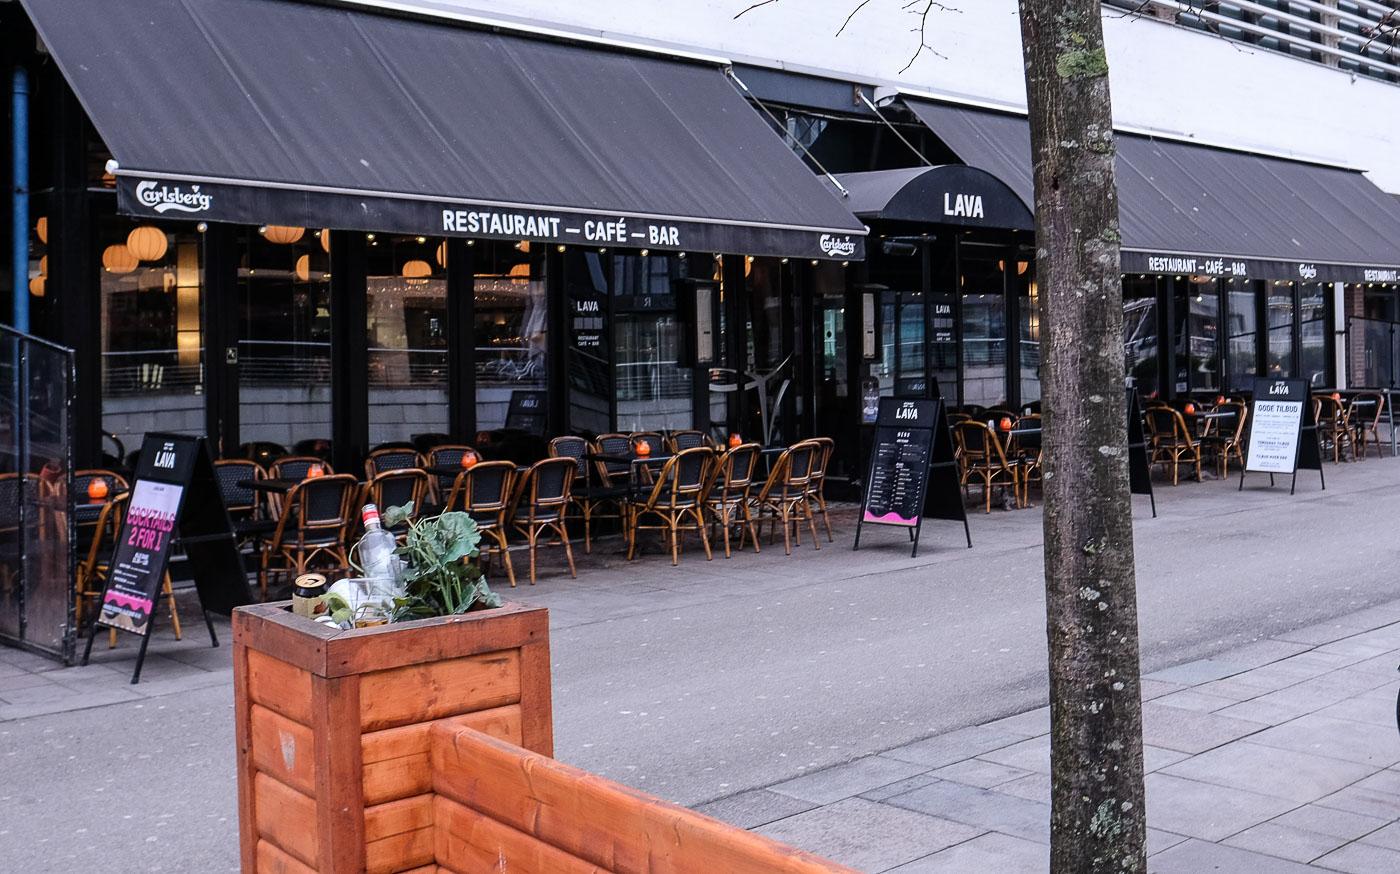 Januartilbud på morgenbuffet: Kendt restaurant ved åen sænker prisen til 19 kroner